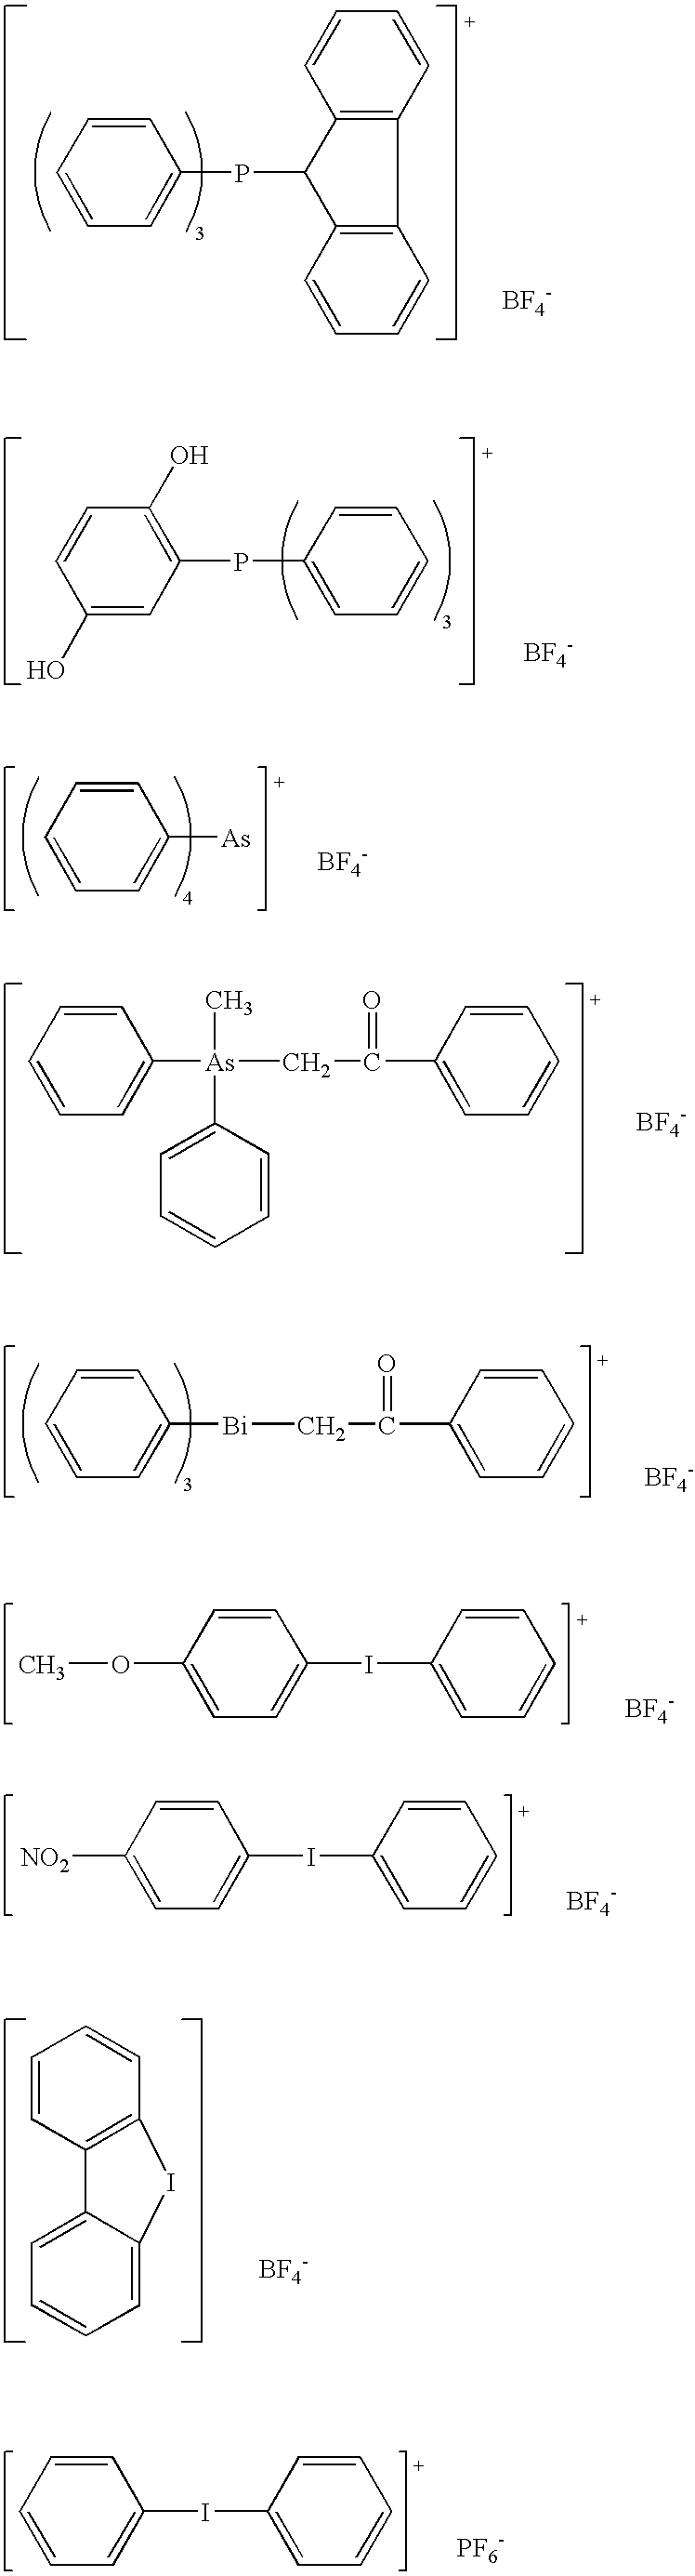 Figure US20070212641A1-20070913-C00027